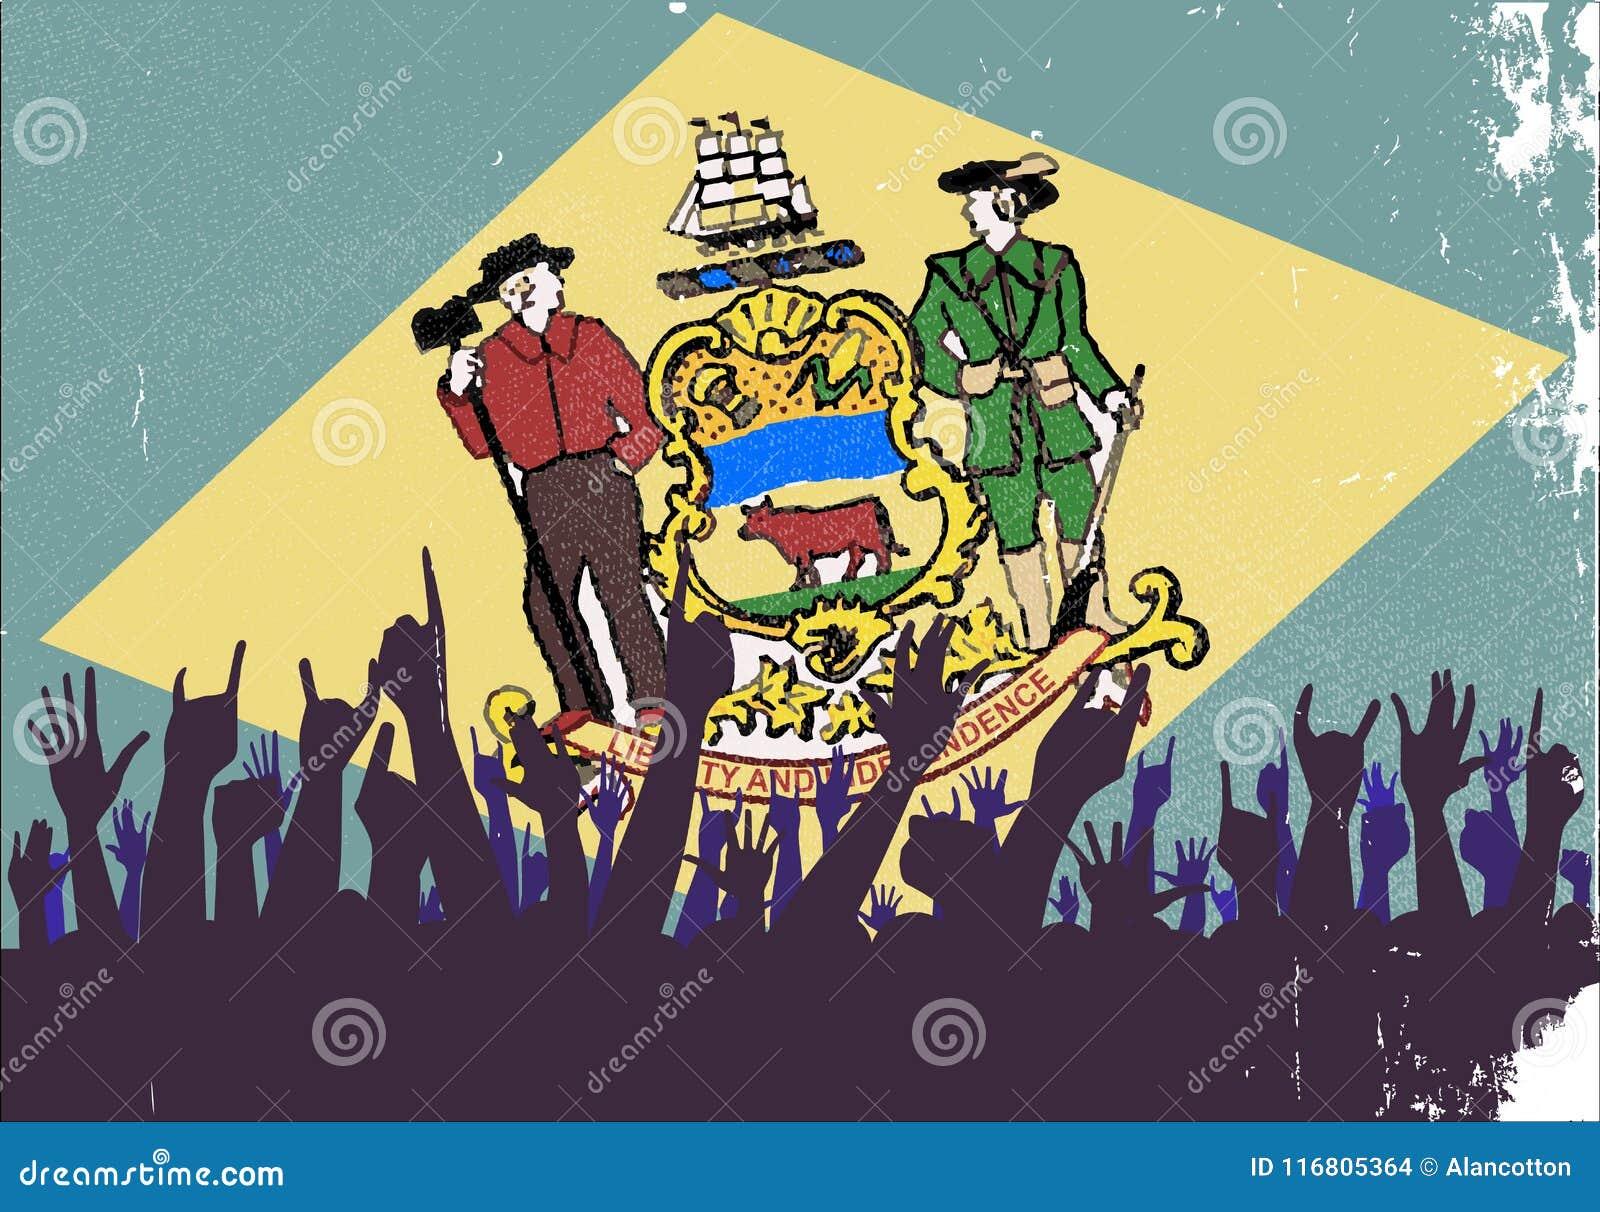 Bandiera dello stato del Delaware con reazione del pubblico